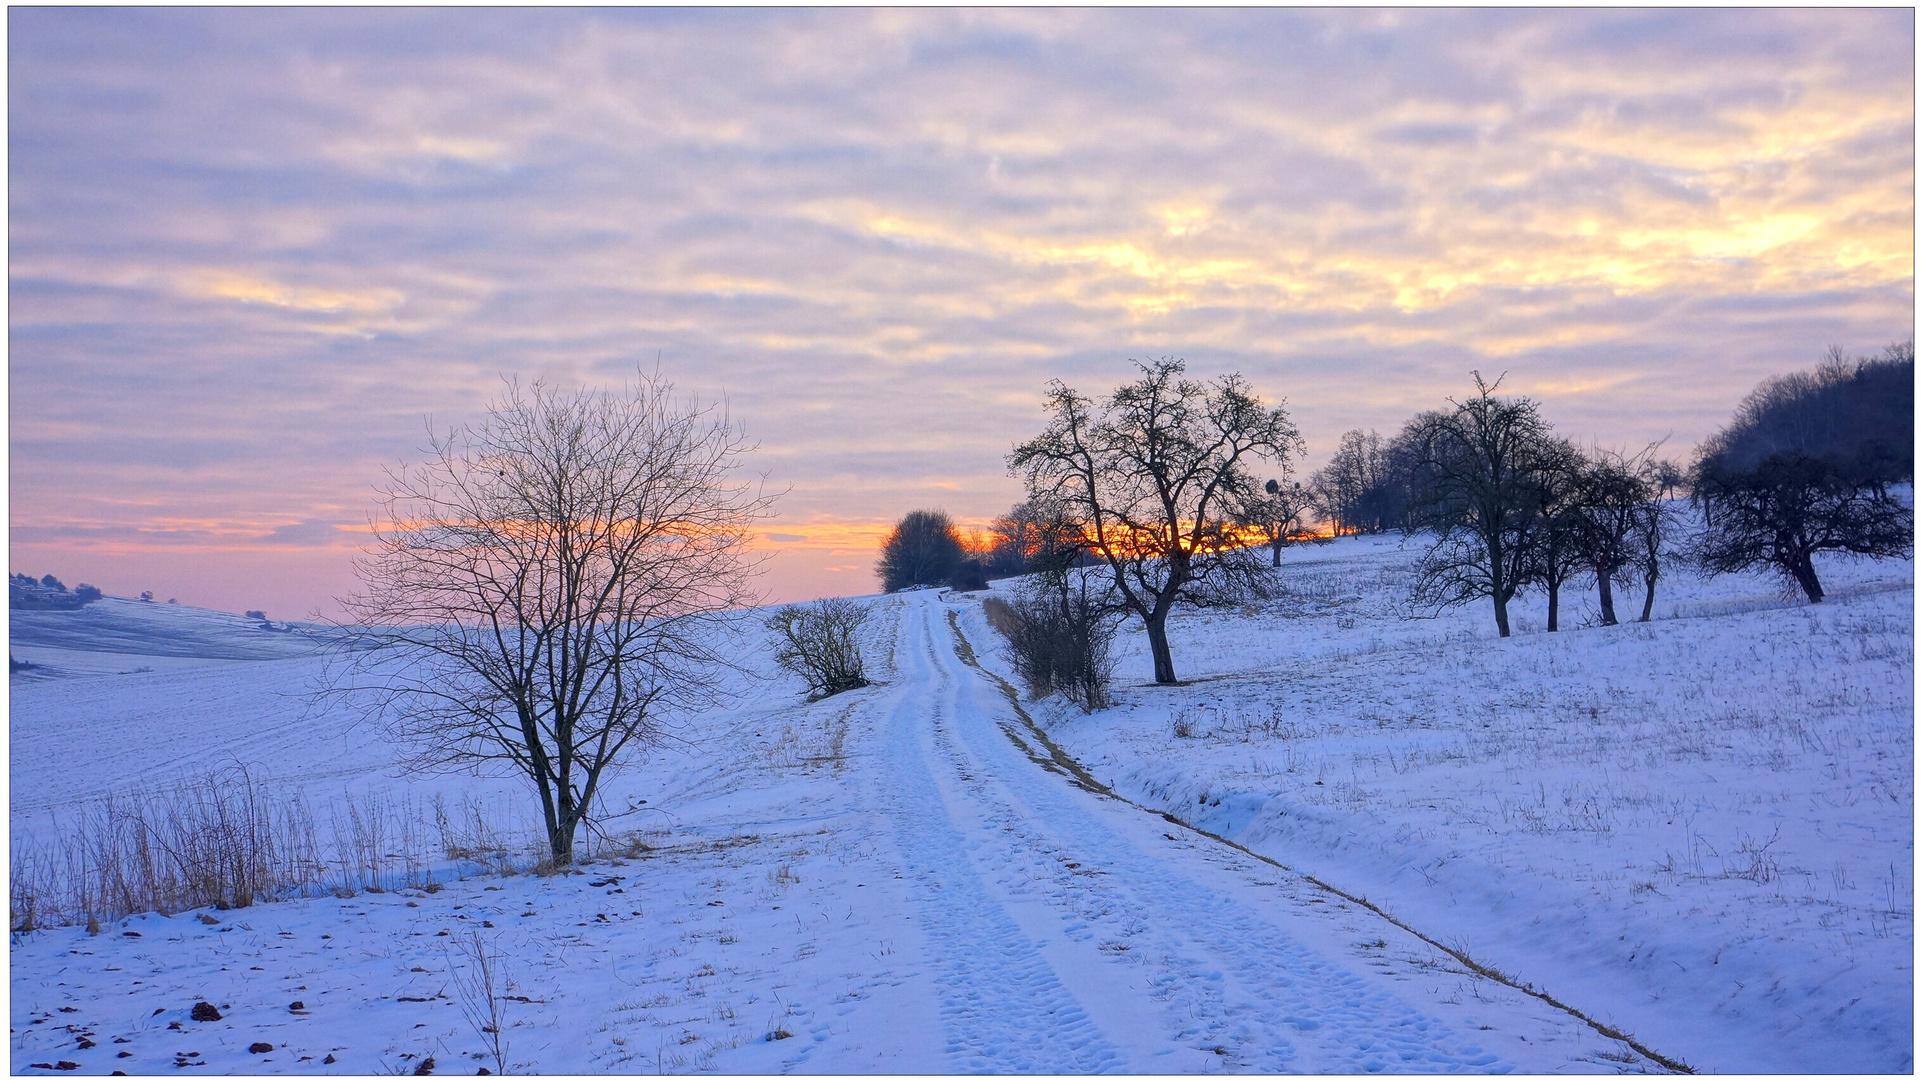 Morgengrauen (amanecer)